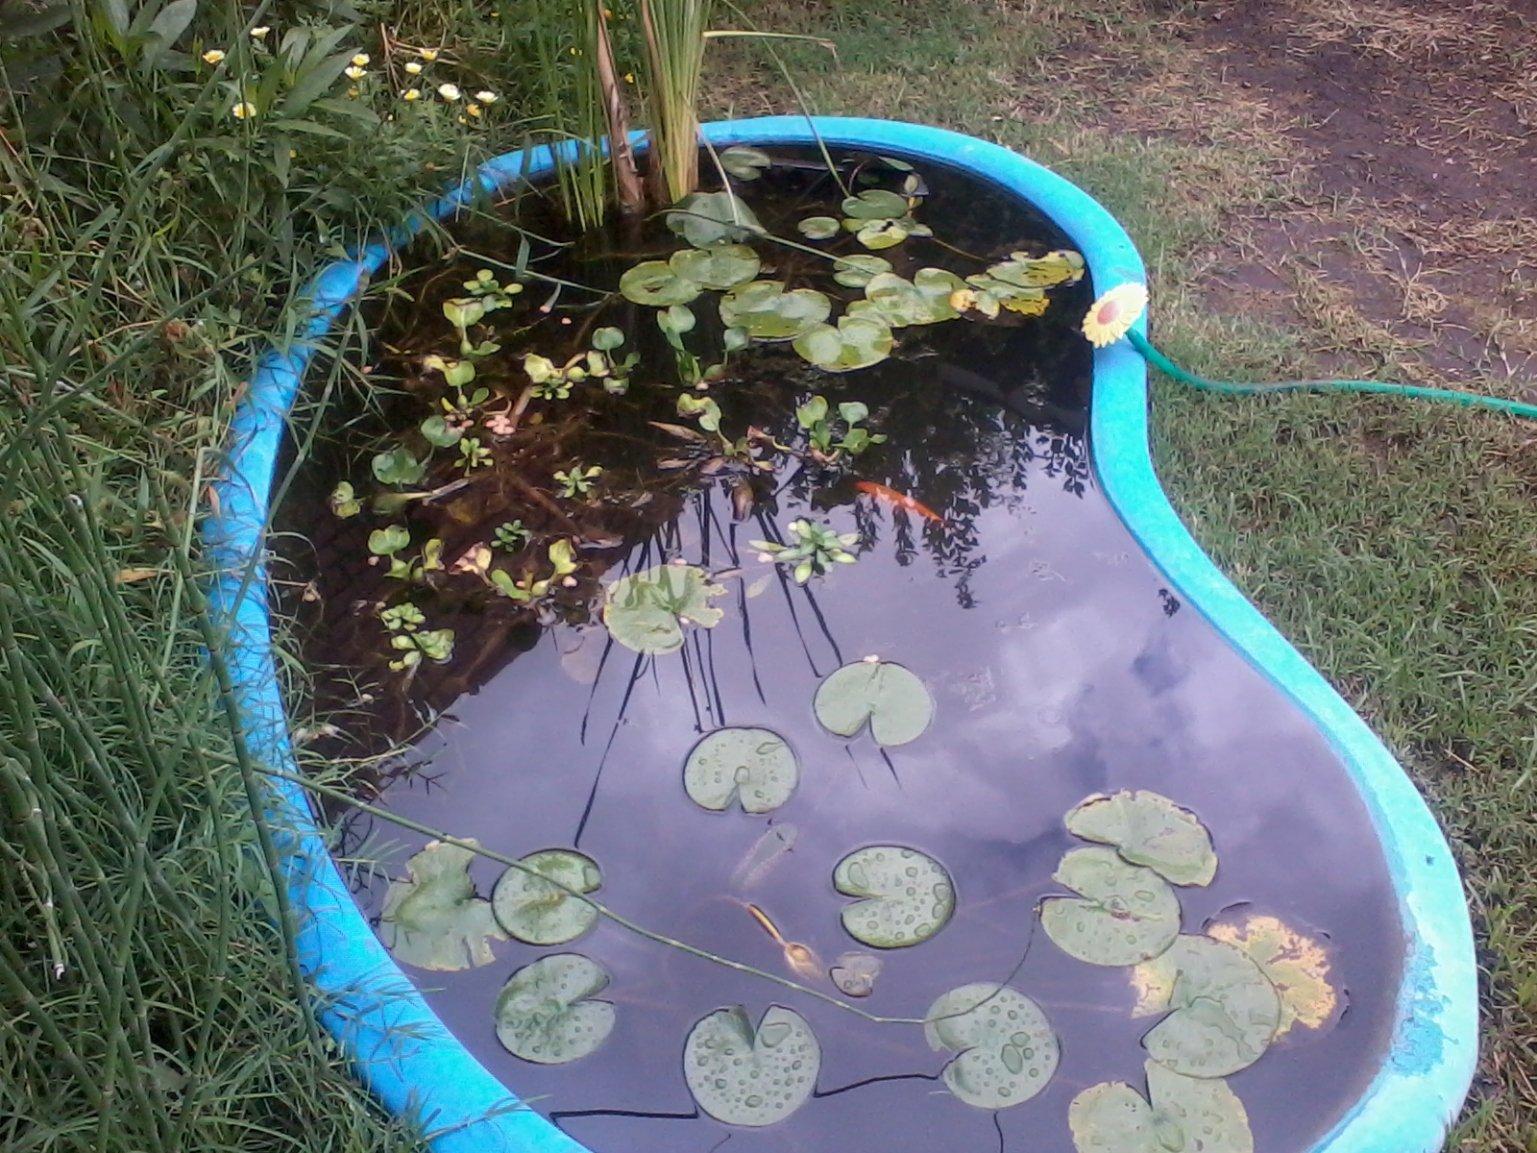 como hacer una pileta de agua casera con maravillosas ideas